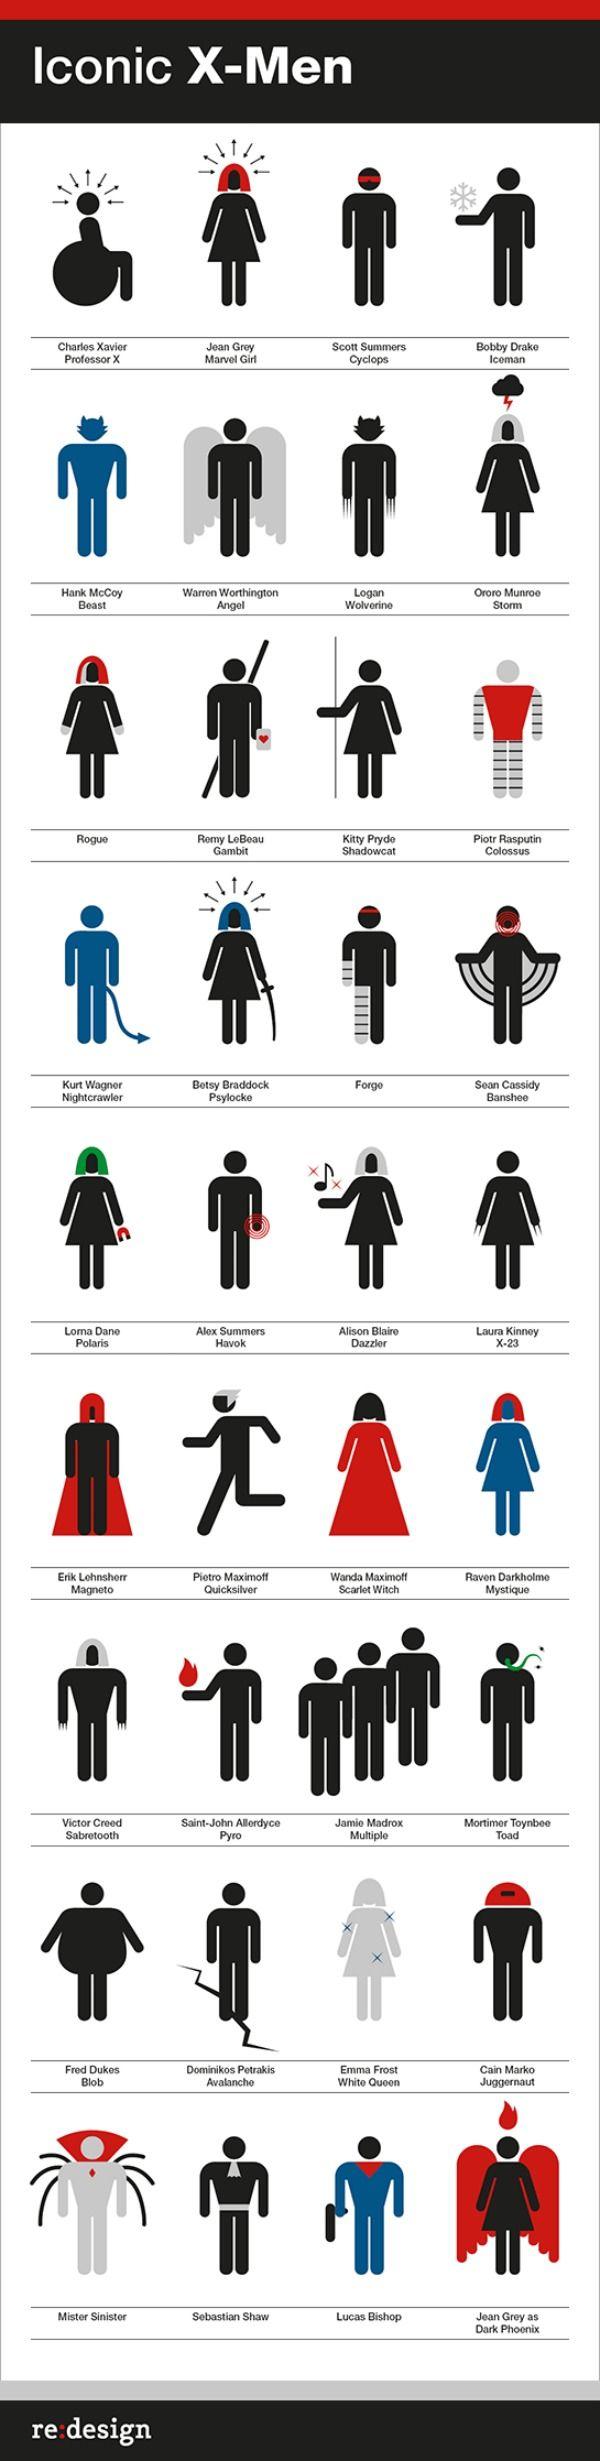 Los héroes y villanos reducidos a iconos de re:design